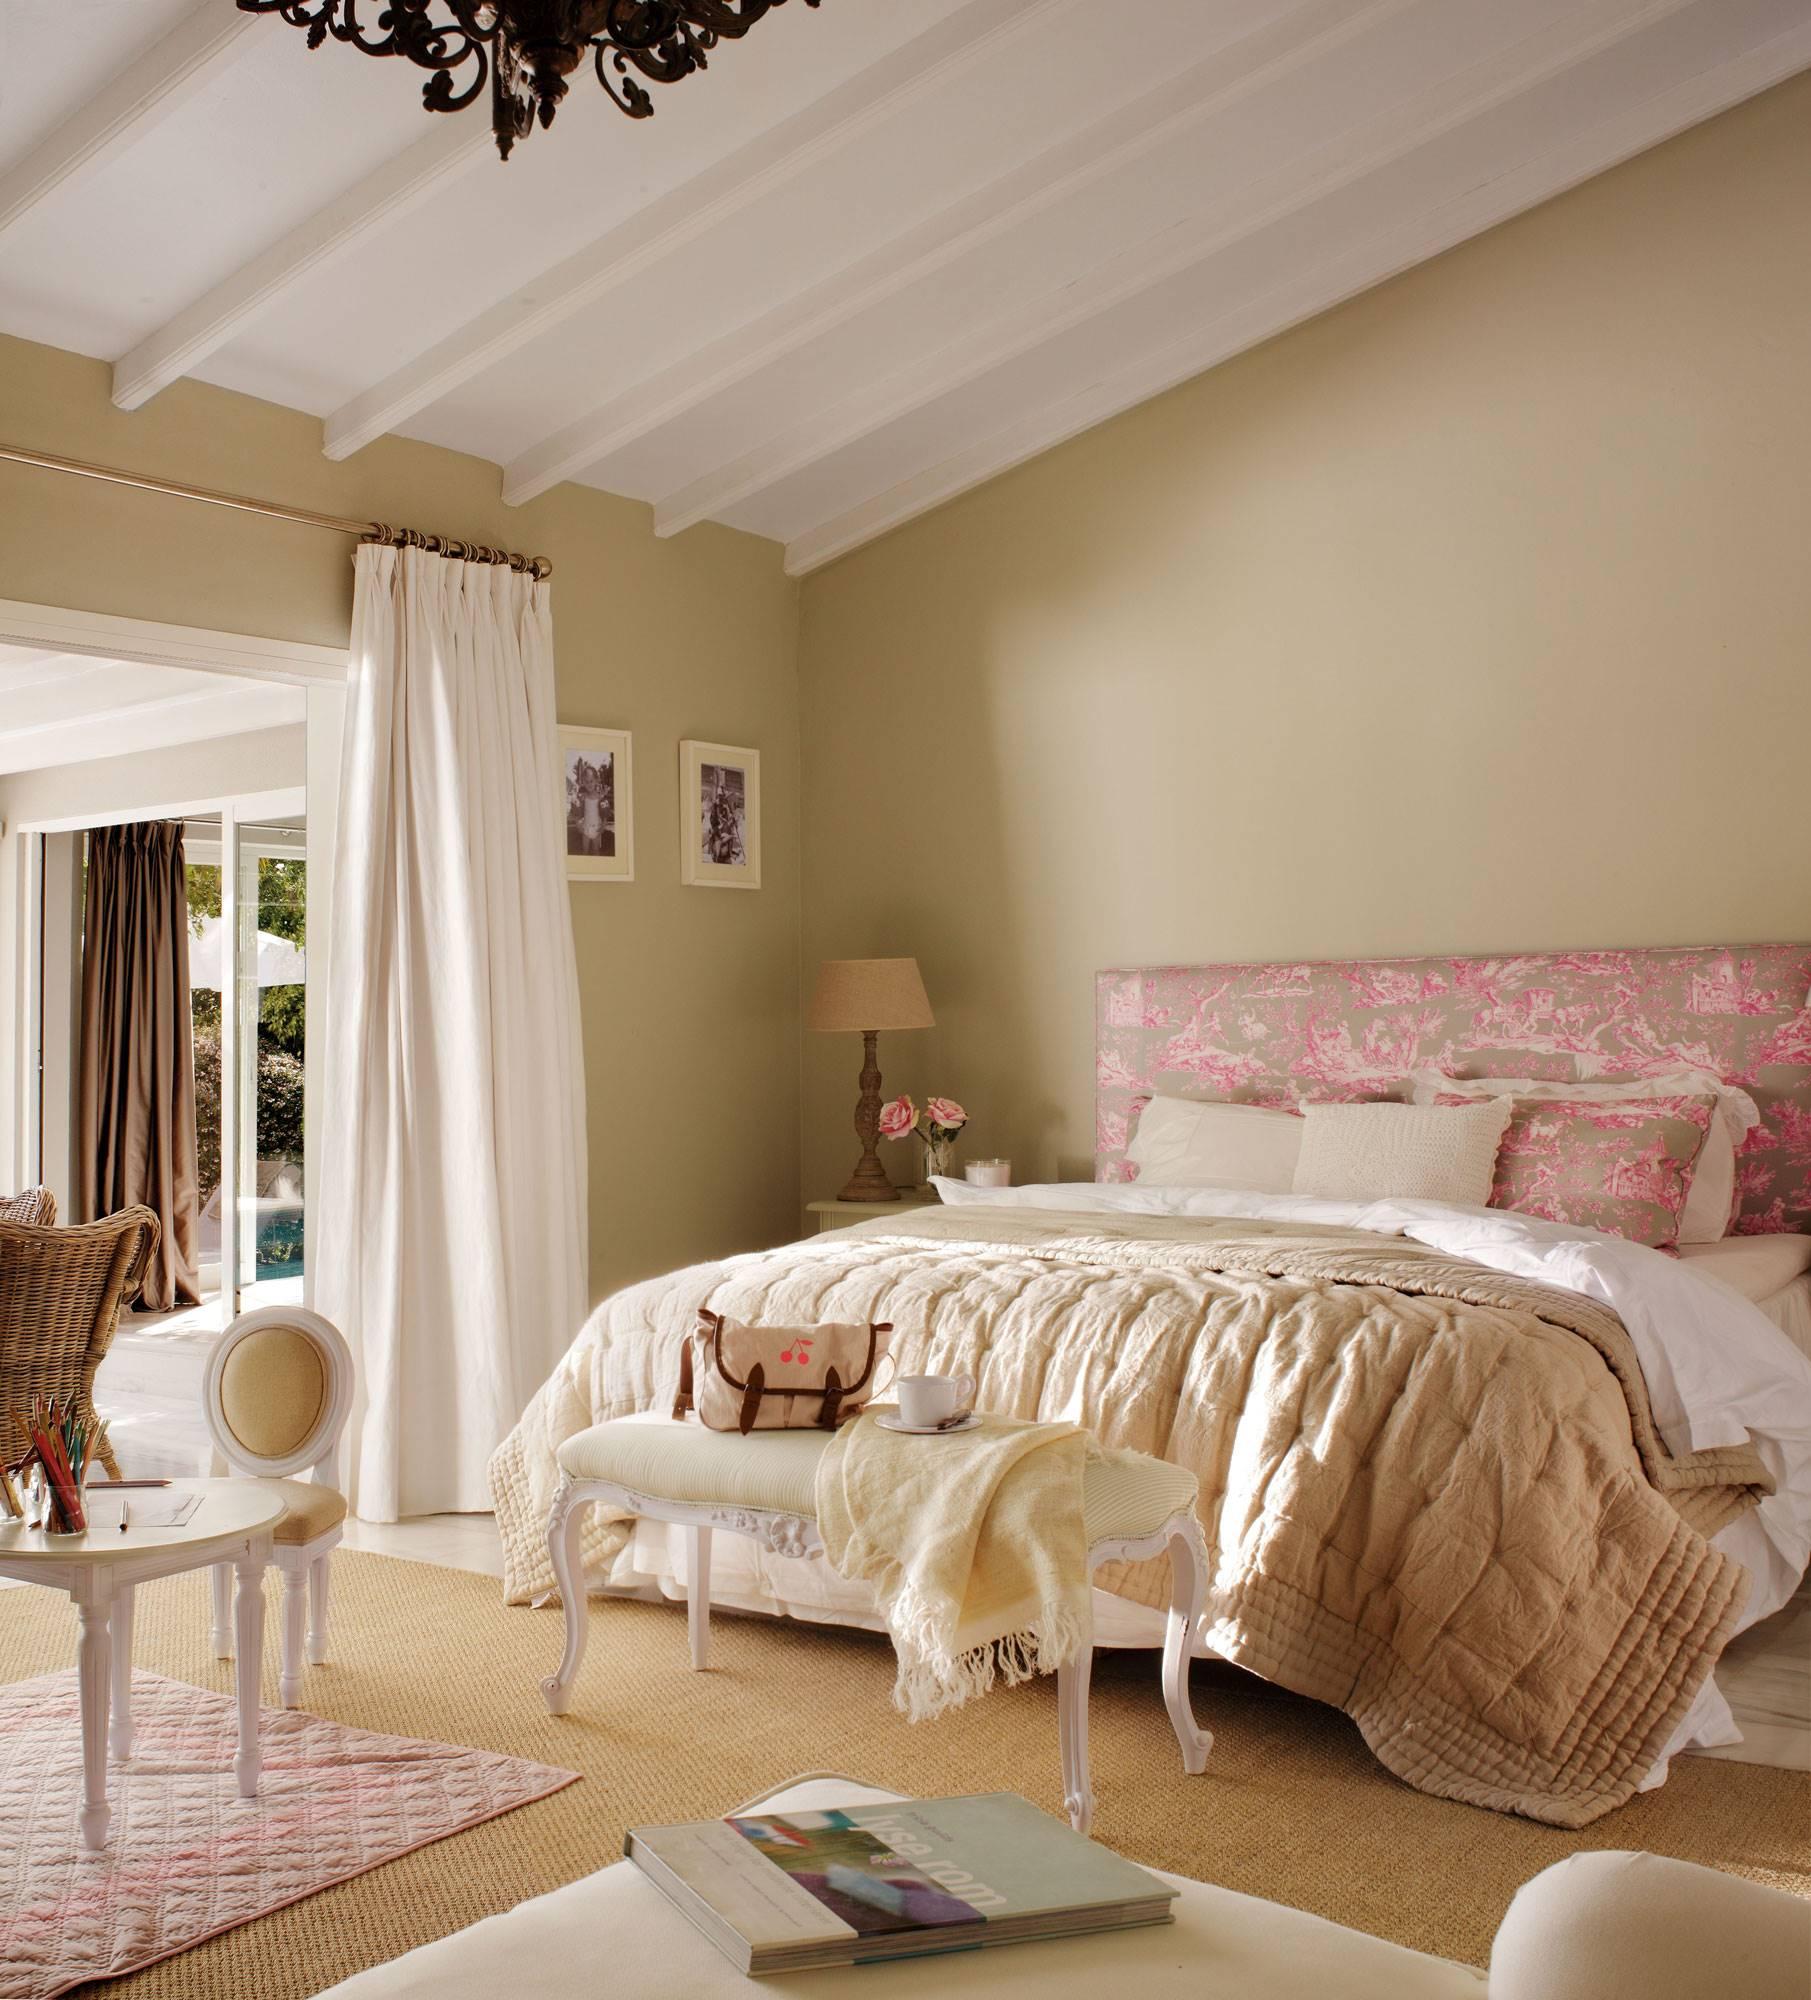 Cuánto cuesta tapizar una silla, un sofá, un cabecero y otros muebles